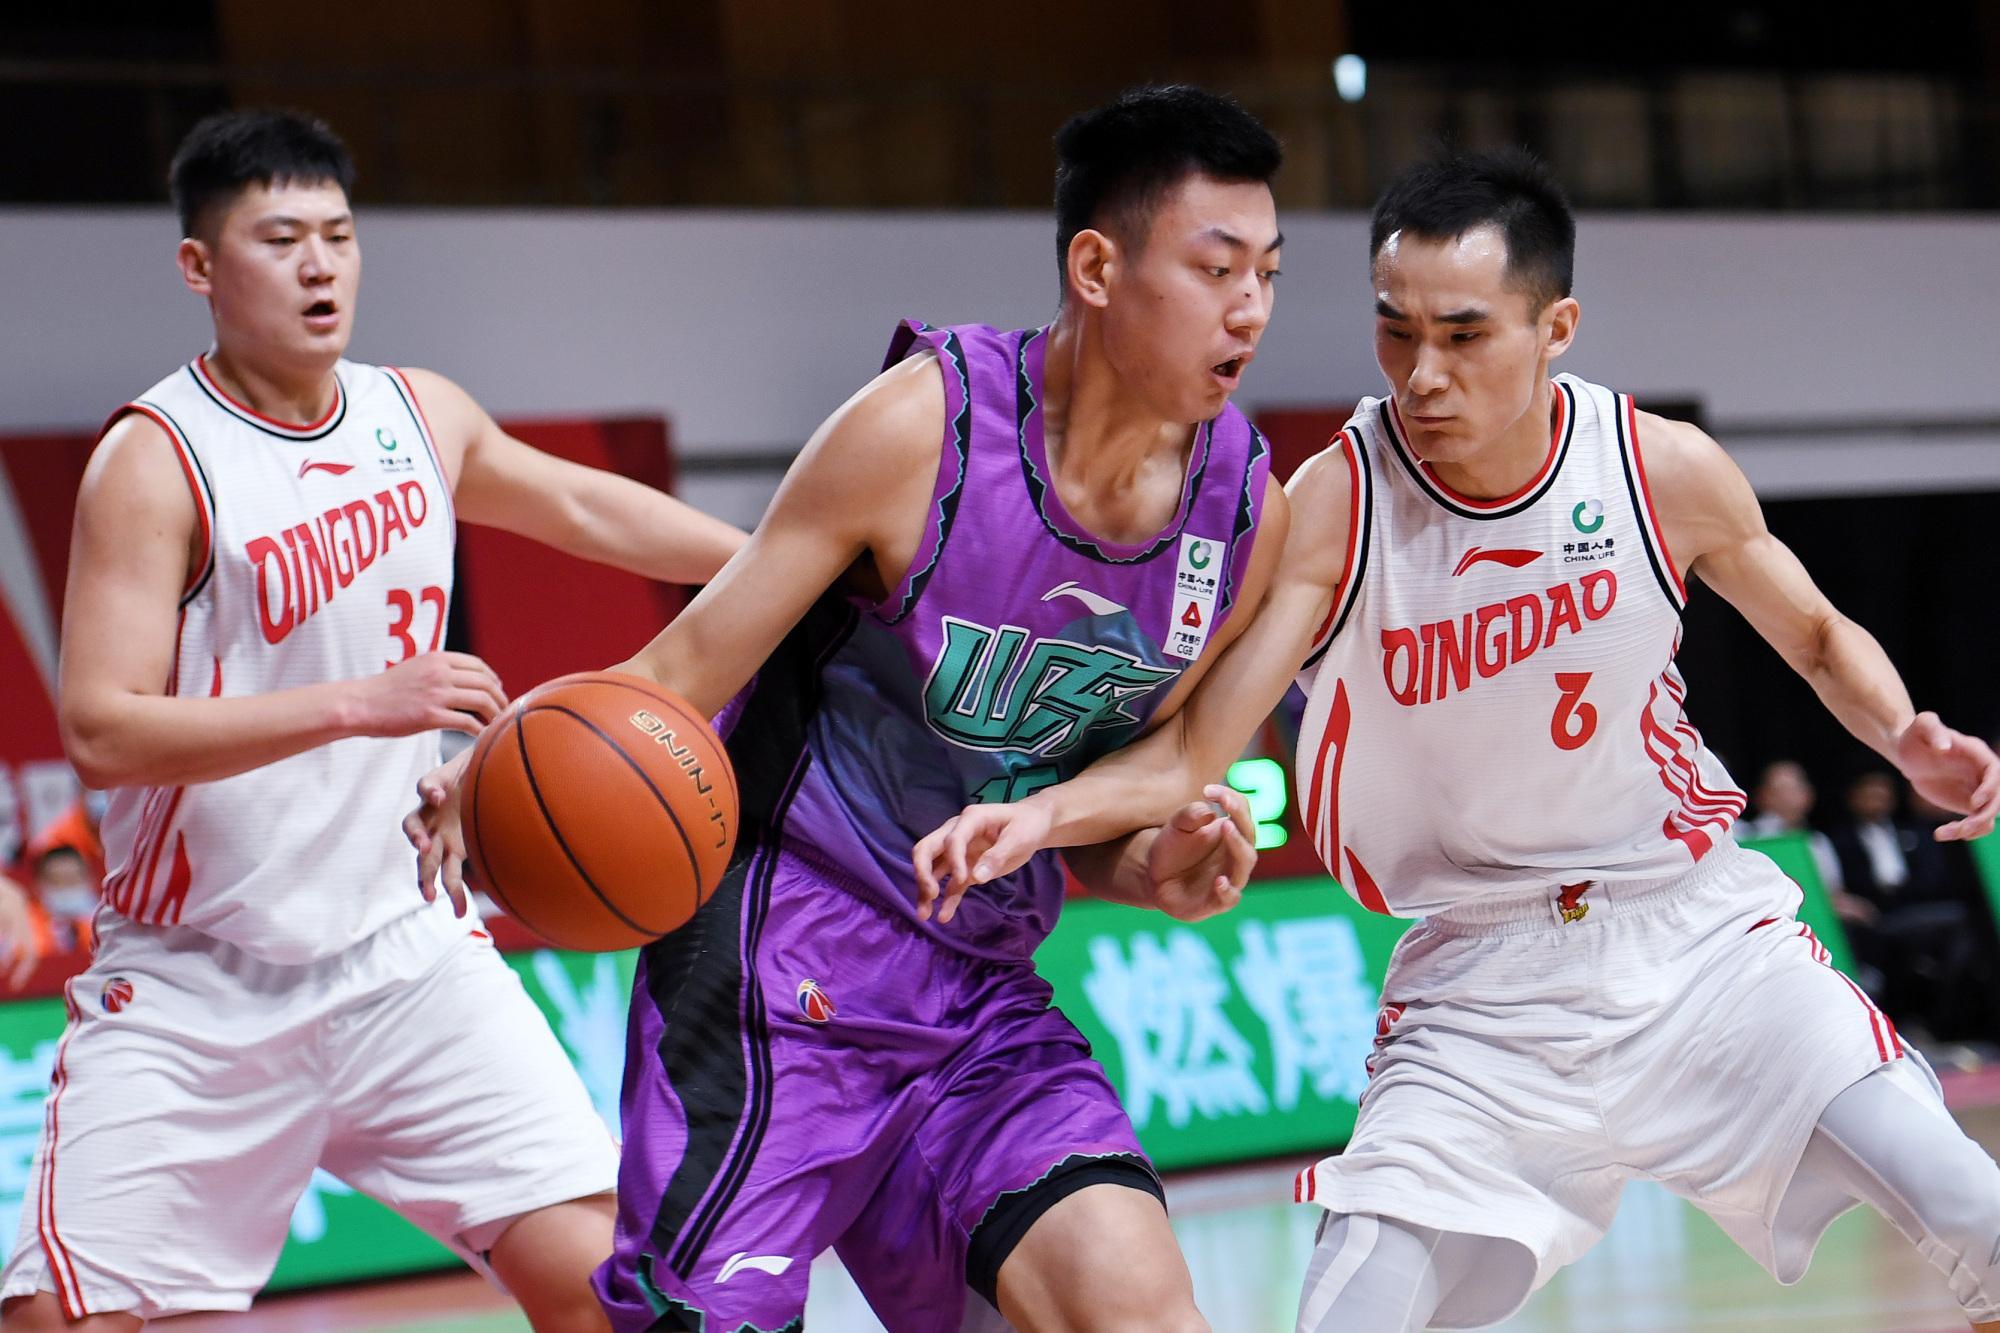 高诗岩度过疯狂期,山东男篮新年3场胜利中,一项属性值得称赞